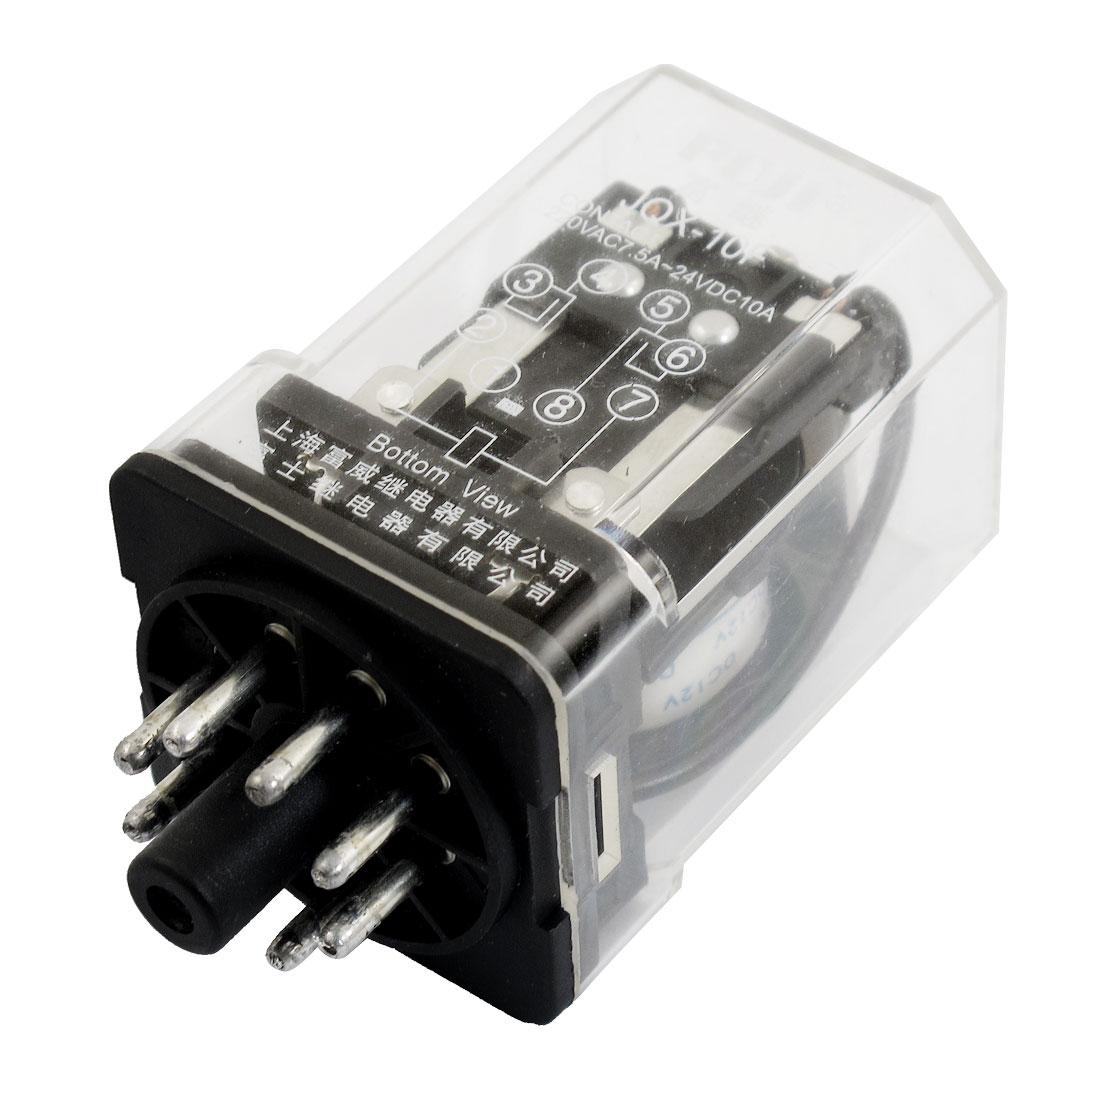 JQX-10F2Z Coil DC 12V 8 Pin AC 220V 7.5A DC 24V 10A Electronmagnetic Relay